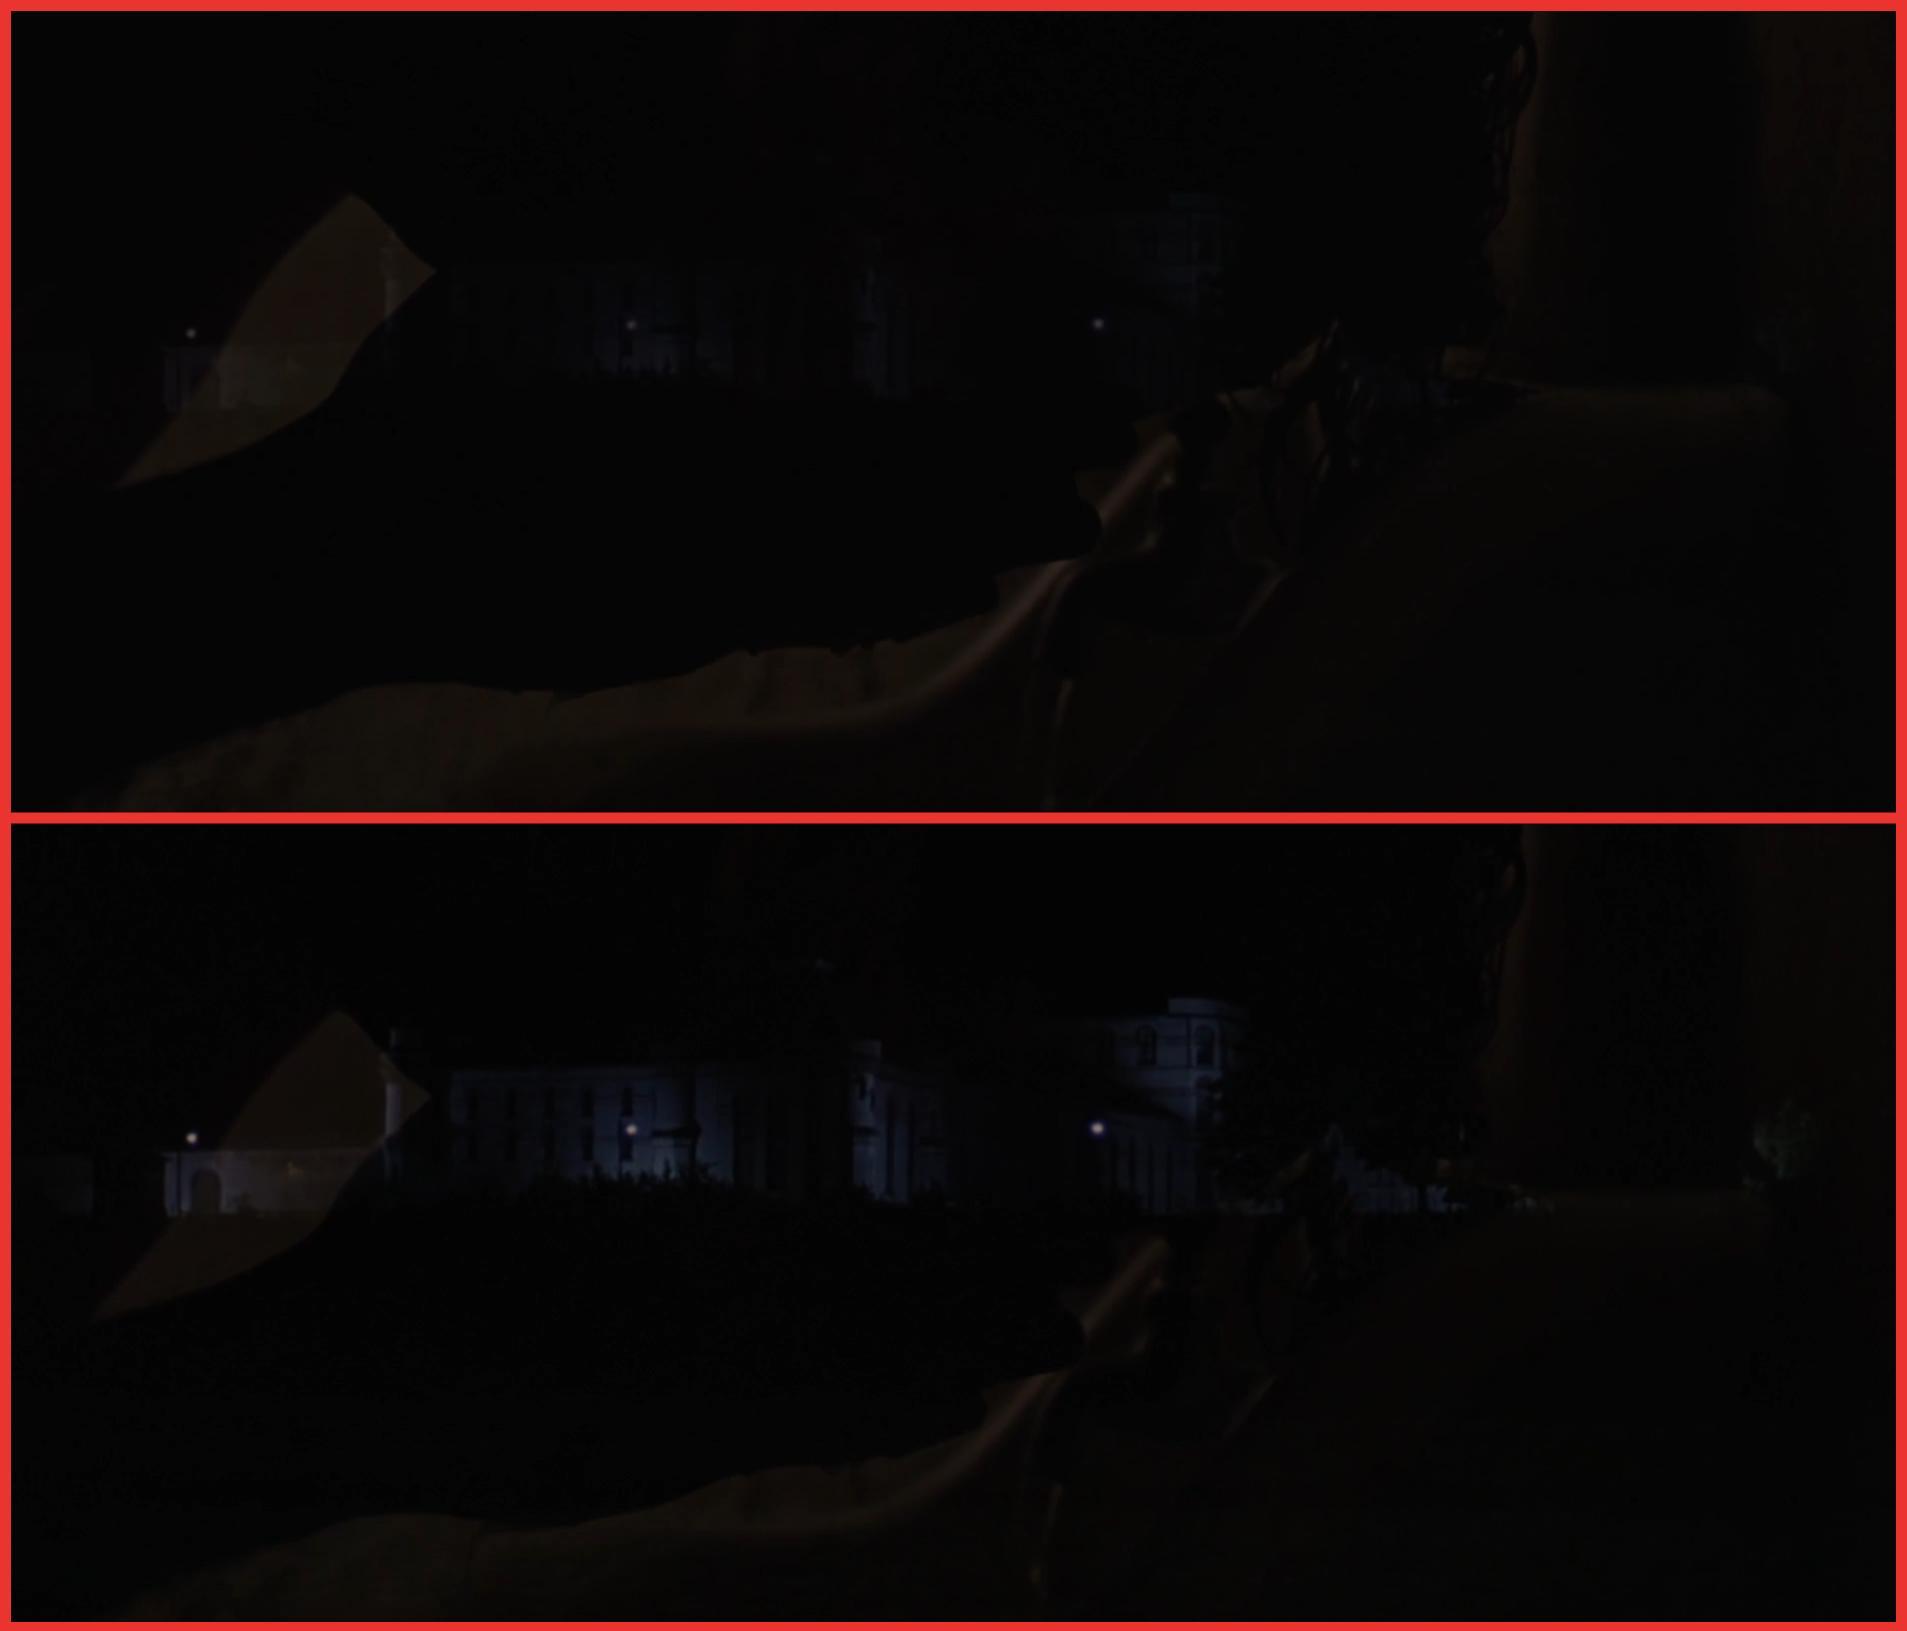 视频制作中的转场是什么意思(视频转场素材)